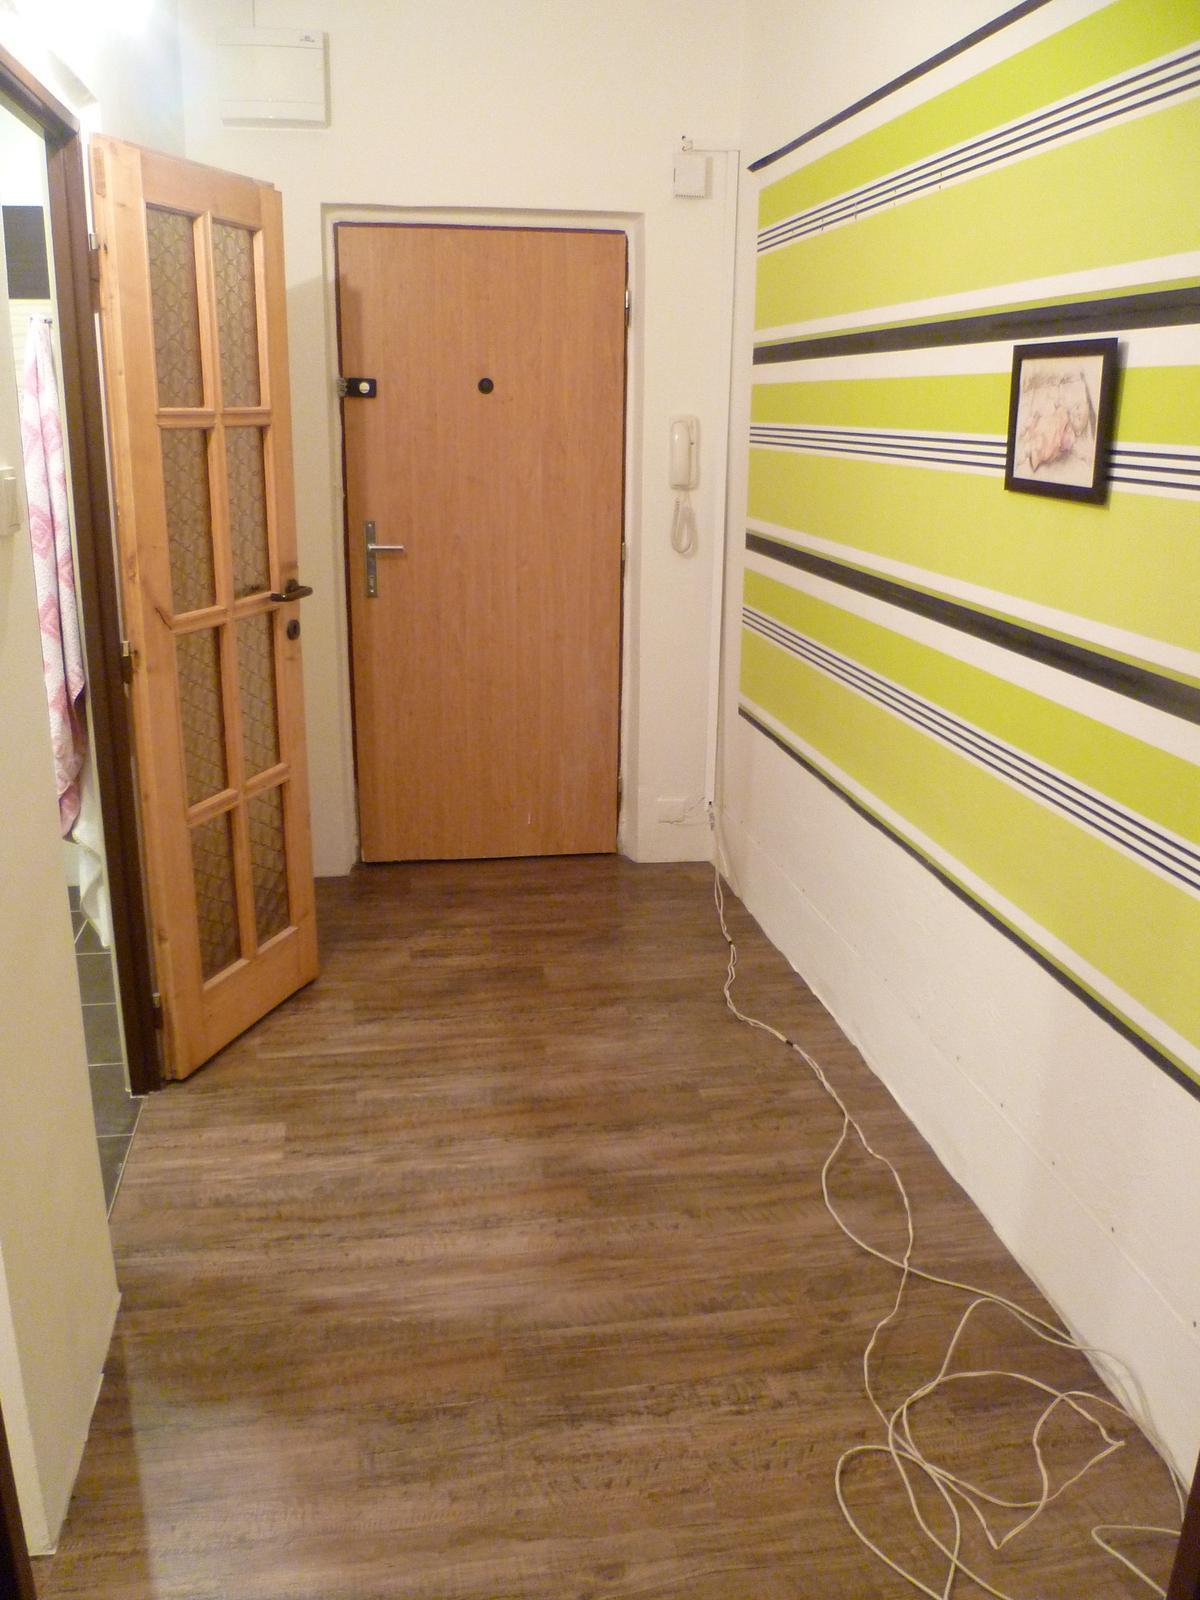 Máme položenou podlahu!! Jupííí :-) ...sice zatím bez lišt, ale je. Lepený vinyl Farmářské dřevo - a líbí :-) - Obrázek č. 3